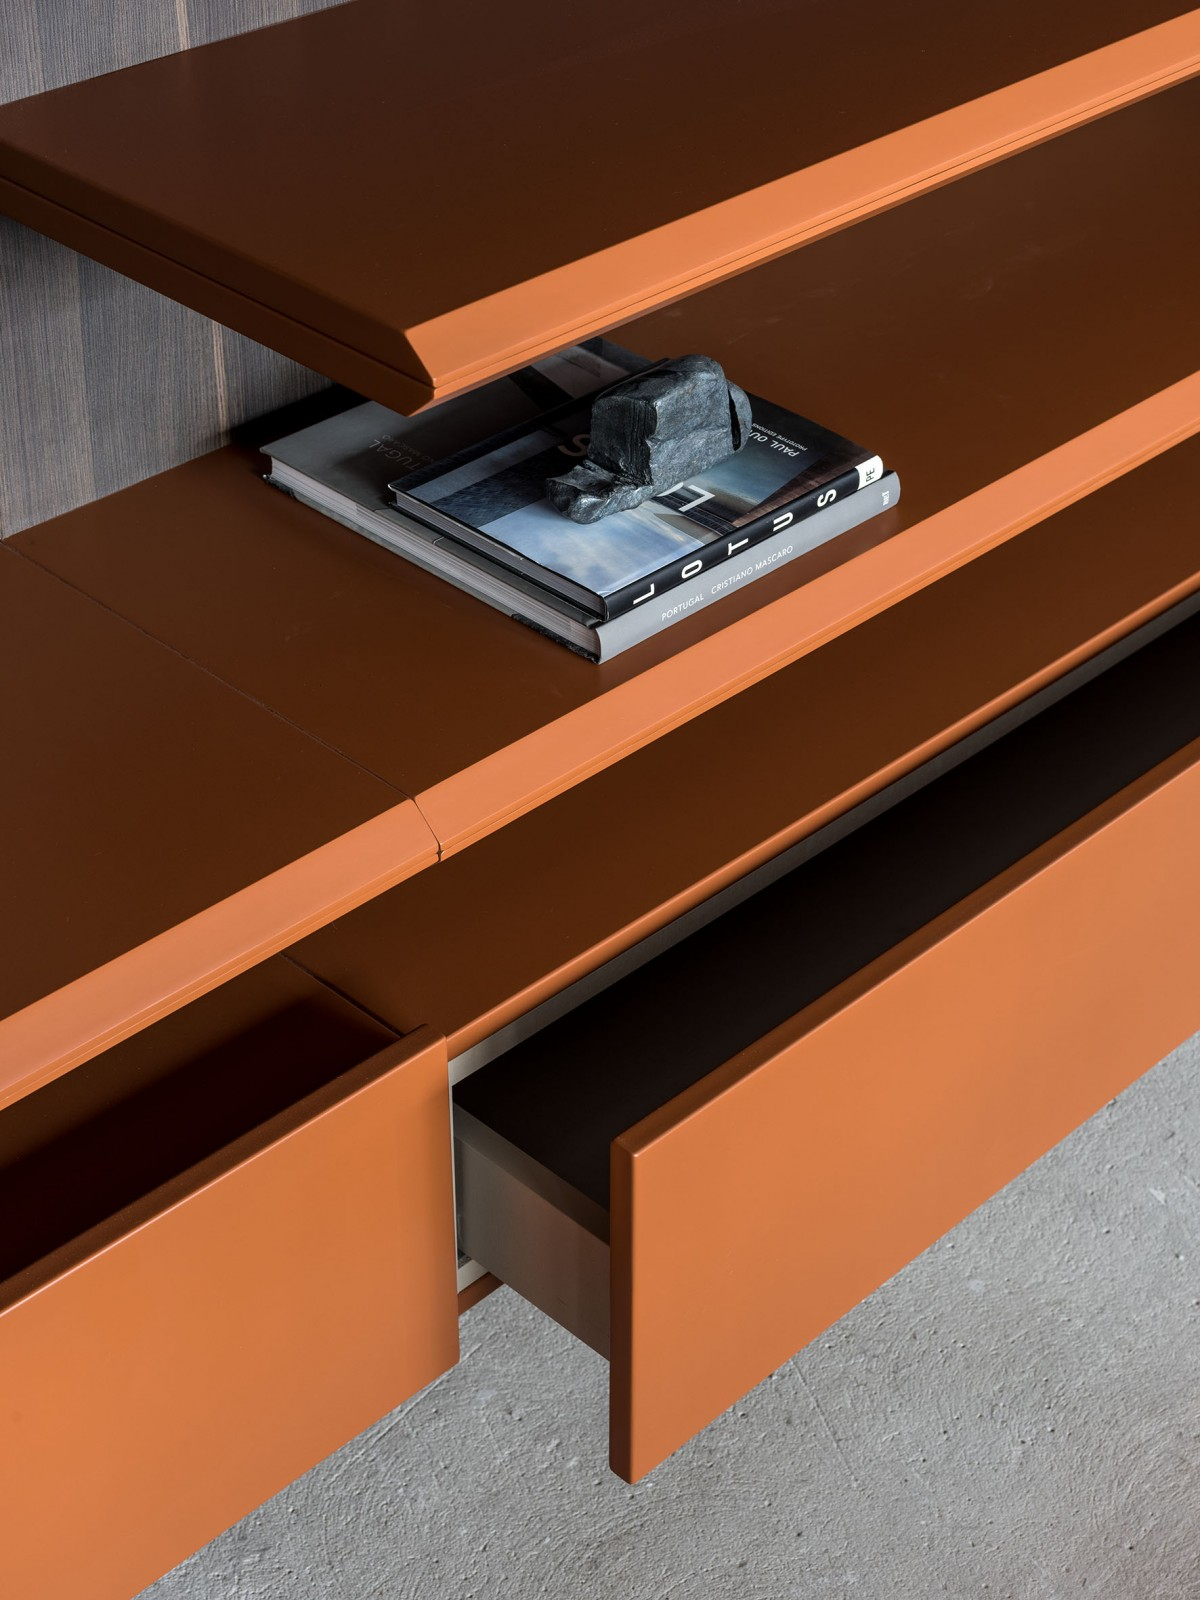 Prateleiras e portas com chanfro 45° com acabamento reto, trazendo à peça ainda mais delicadeza, podendo ser utilizada sozinha ou em conjunto de 2 prateleiras para criar novos desenhos